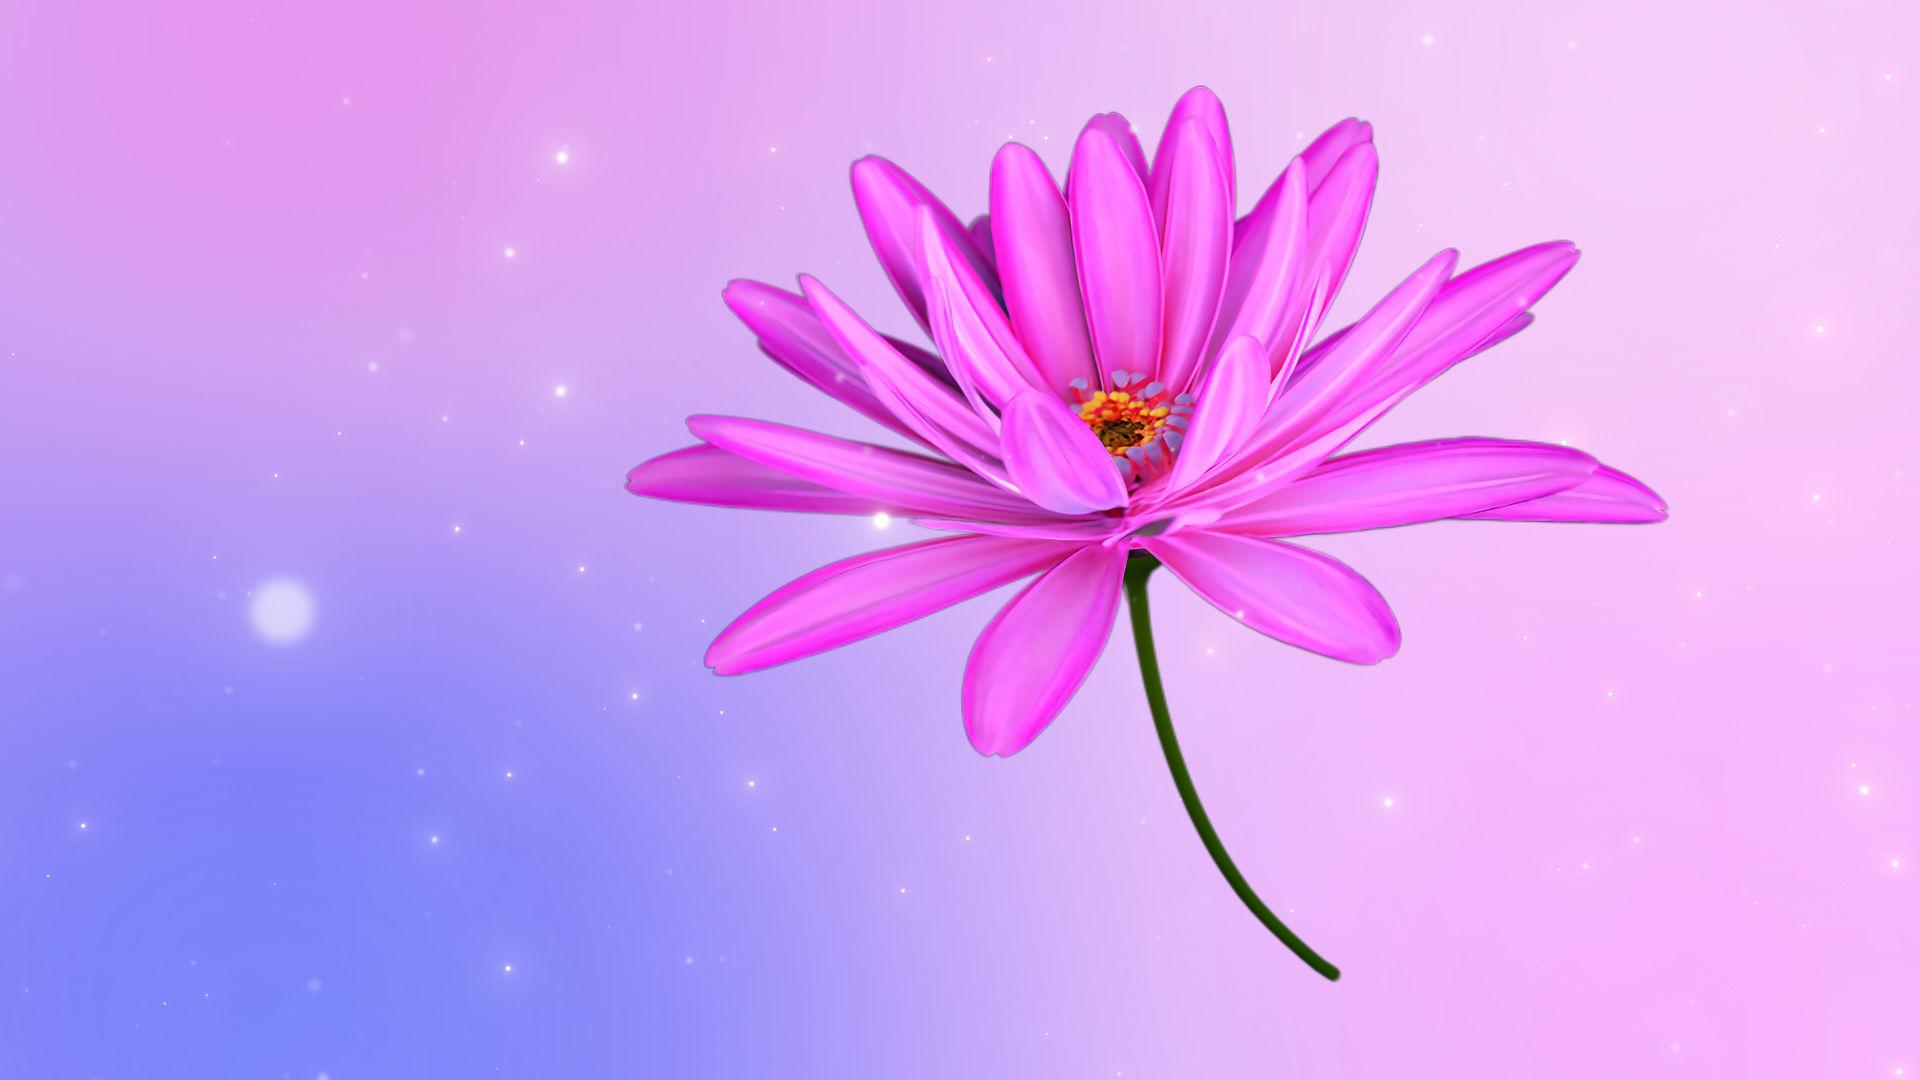 3d Daisy Flower Animated